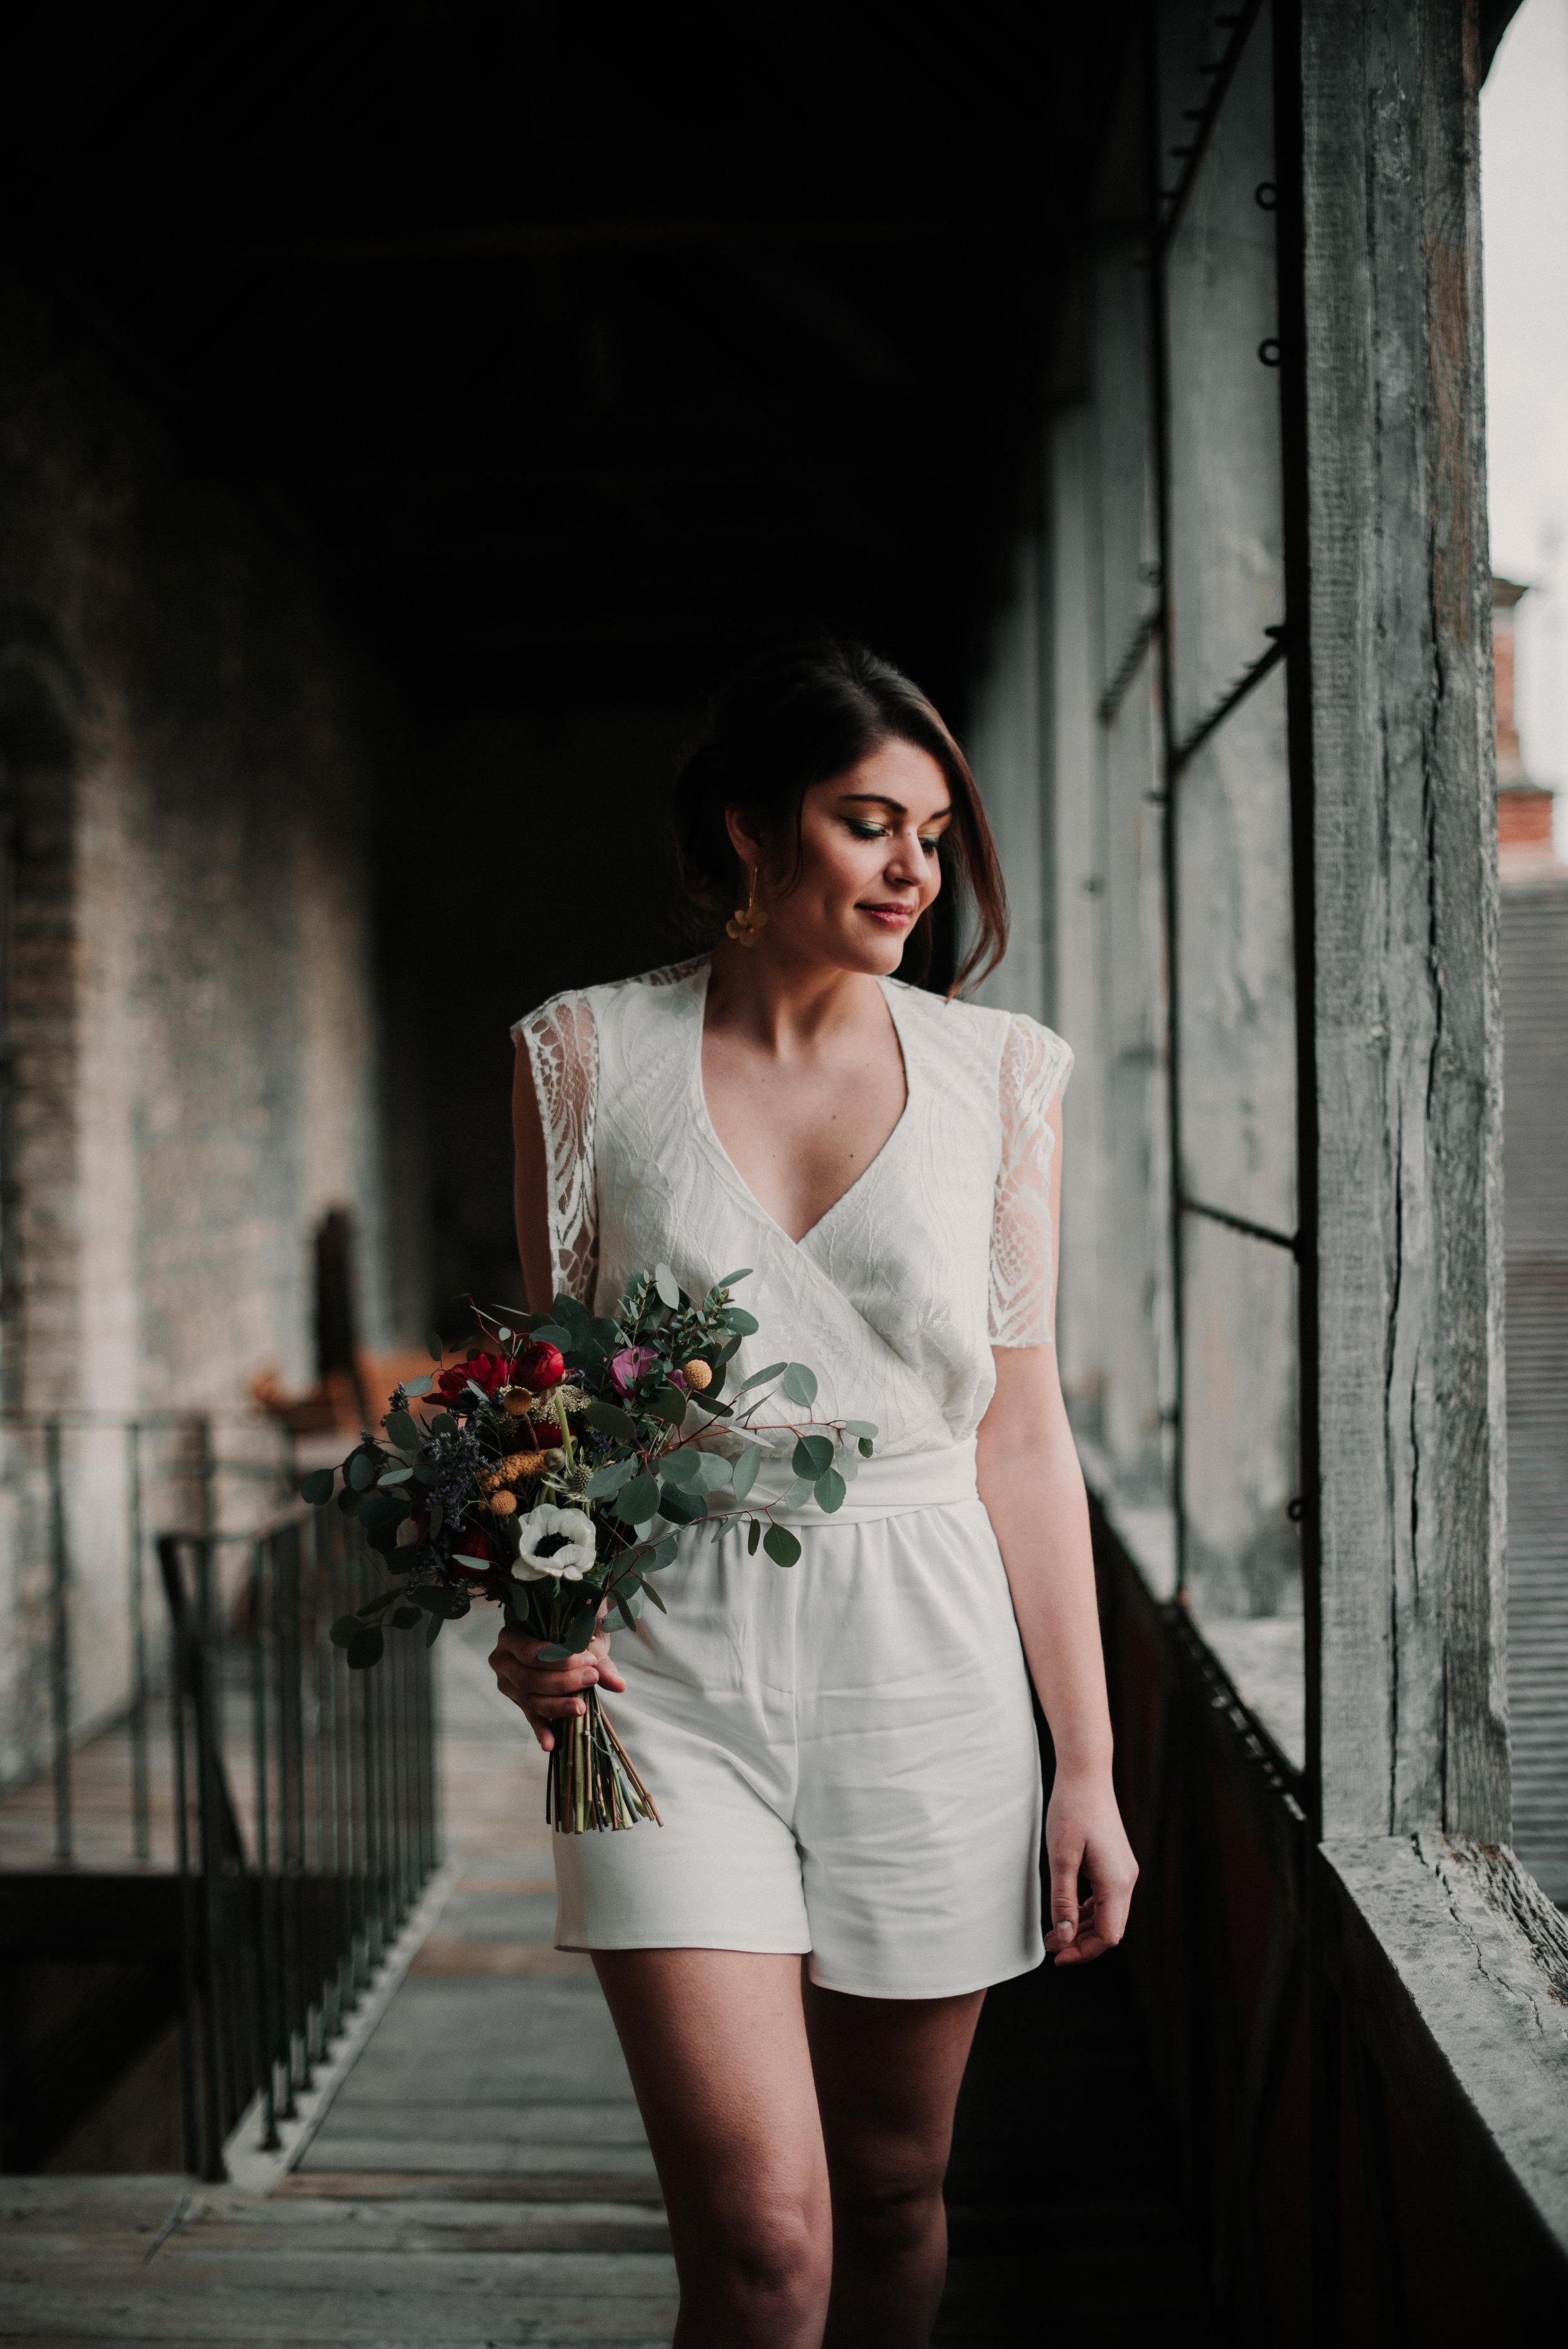 Léa-Fery-photographe-professionnel-lyon-rhone-alpes-portrait-creation-mariage-evenement-evenementiel-famille-3562.jpg